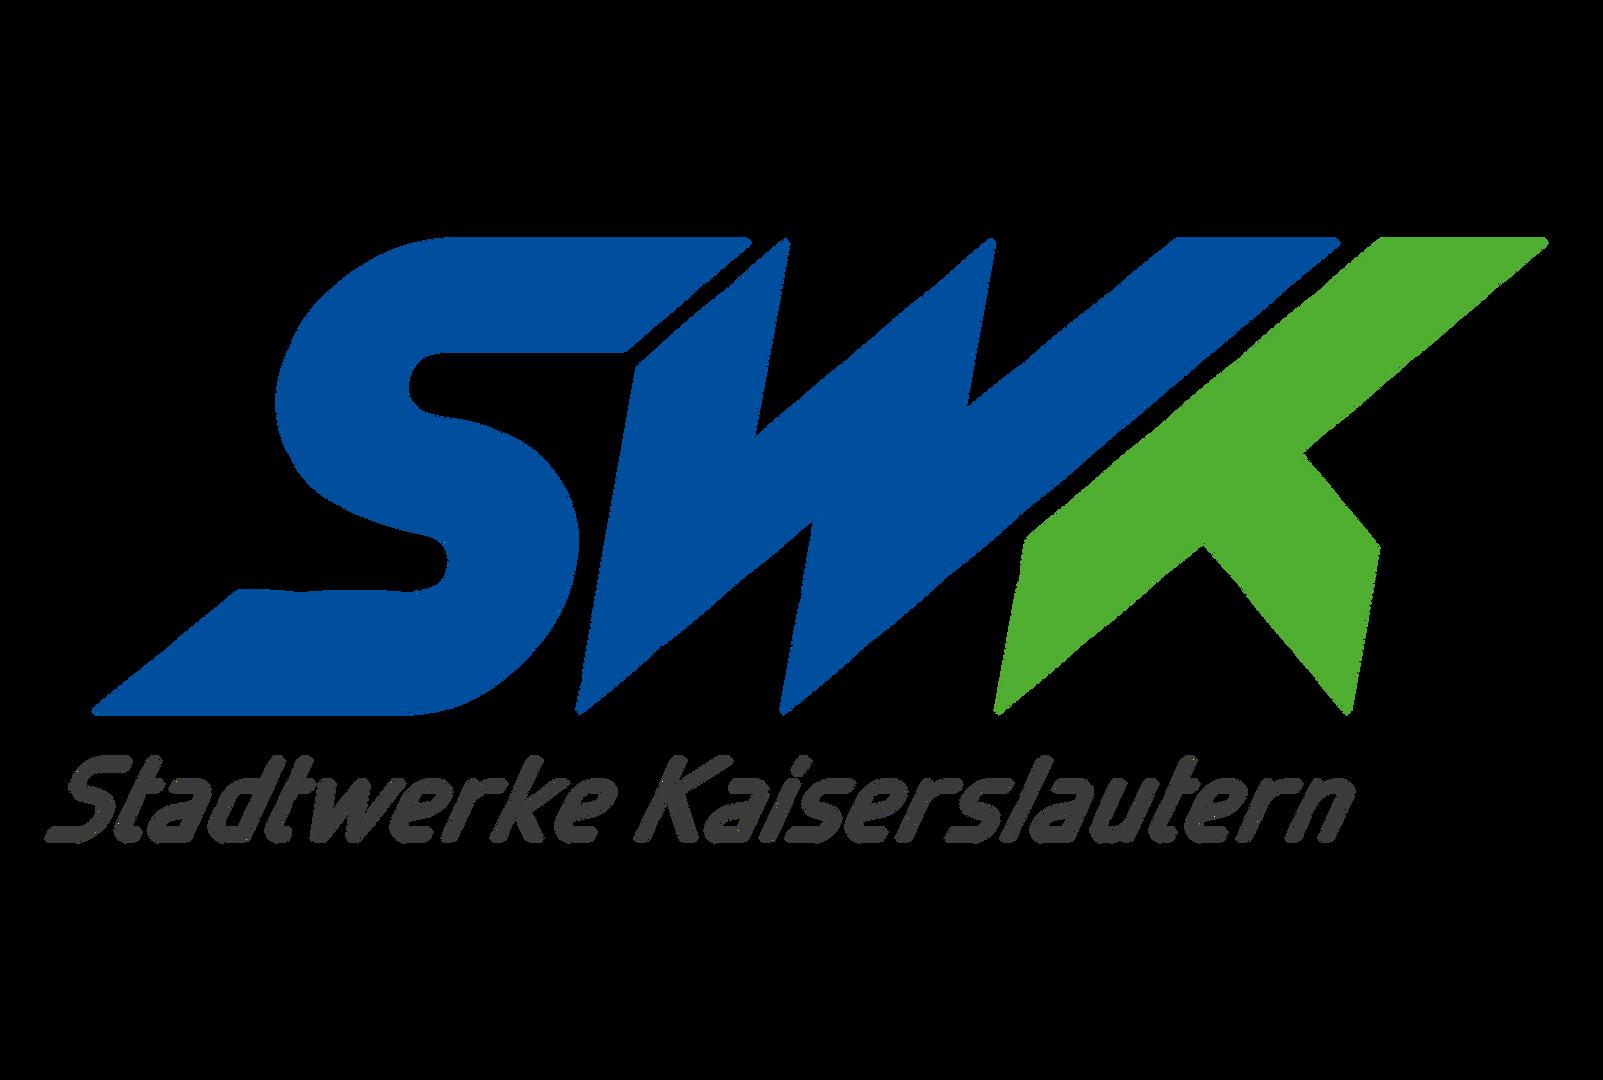 swk.png